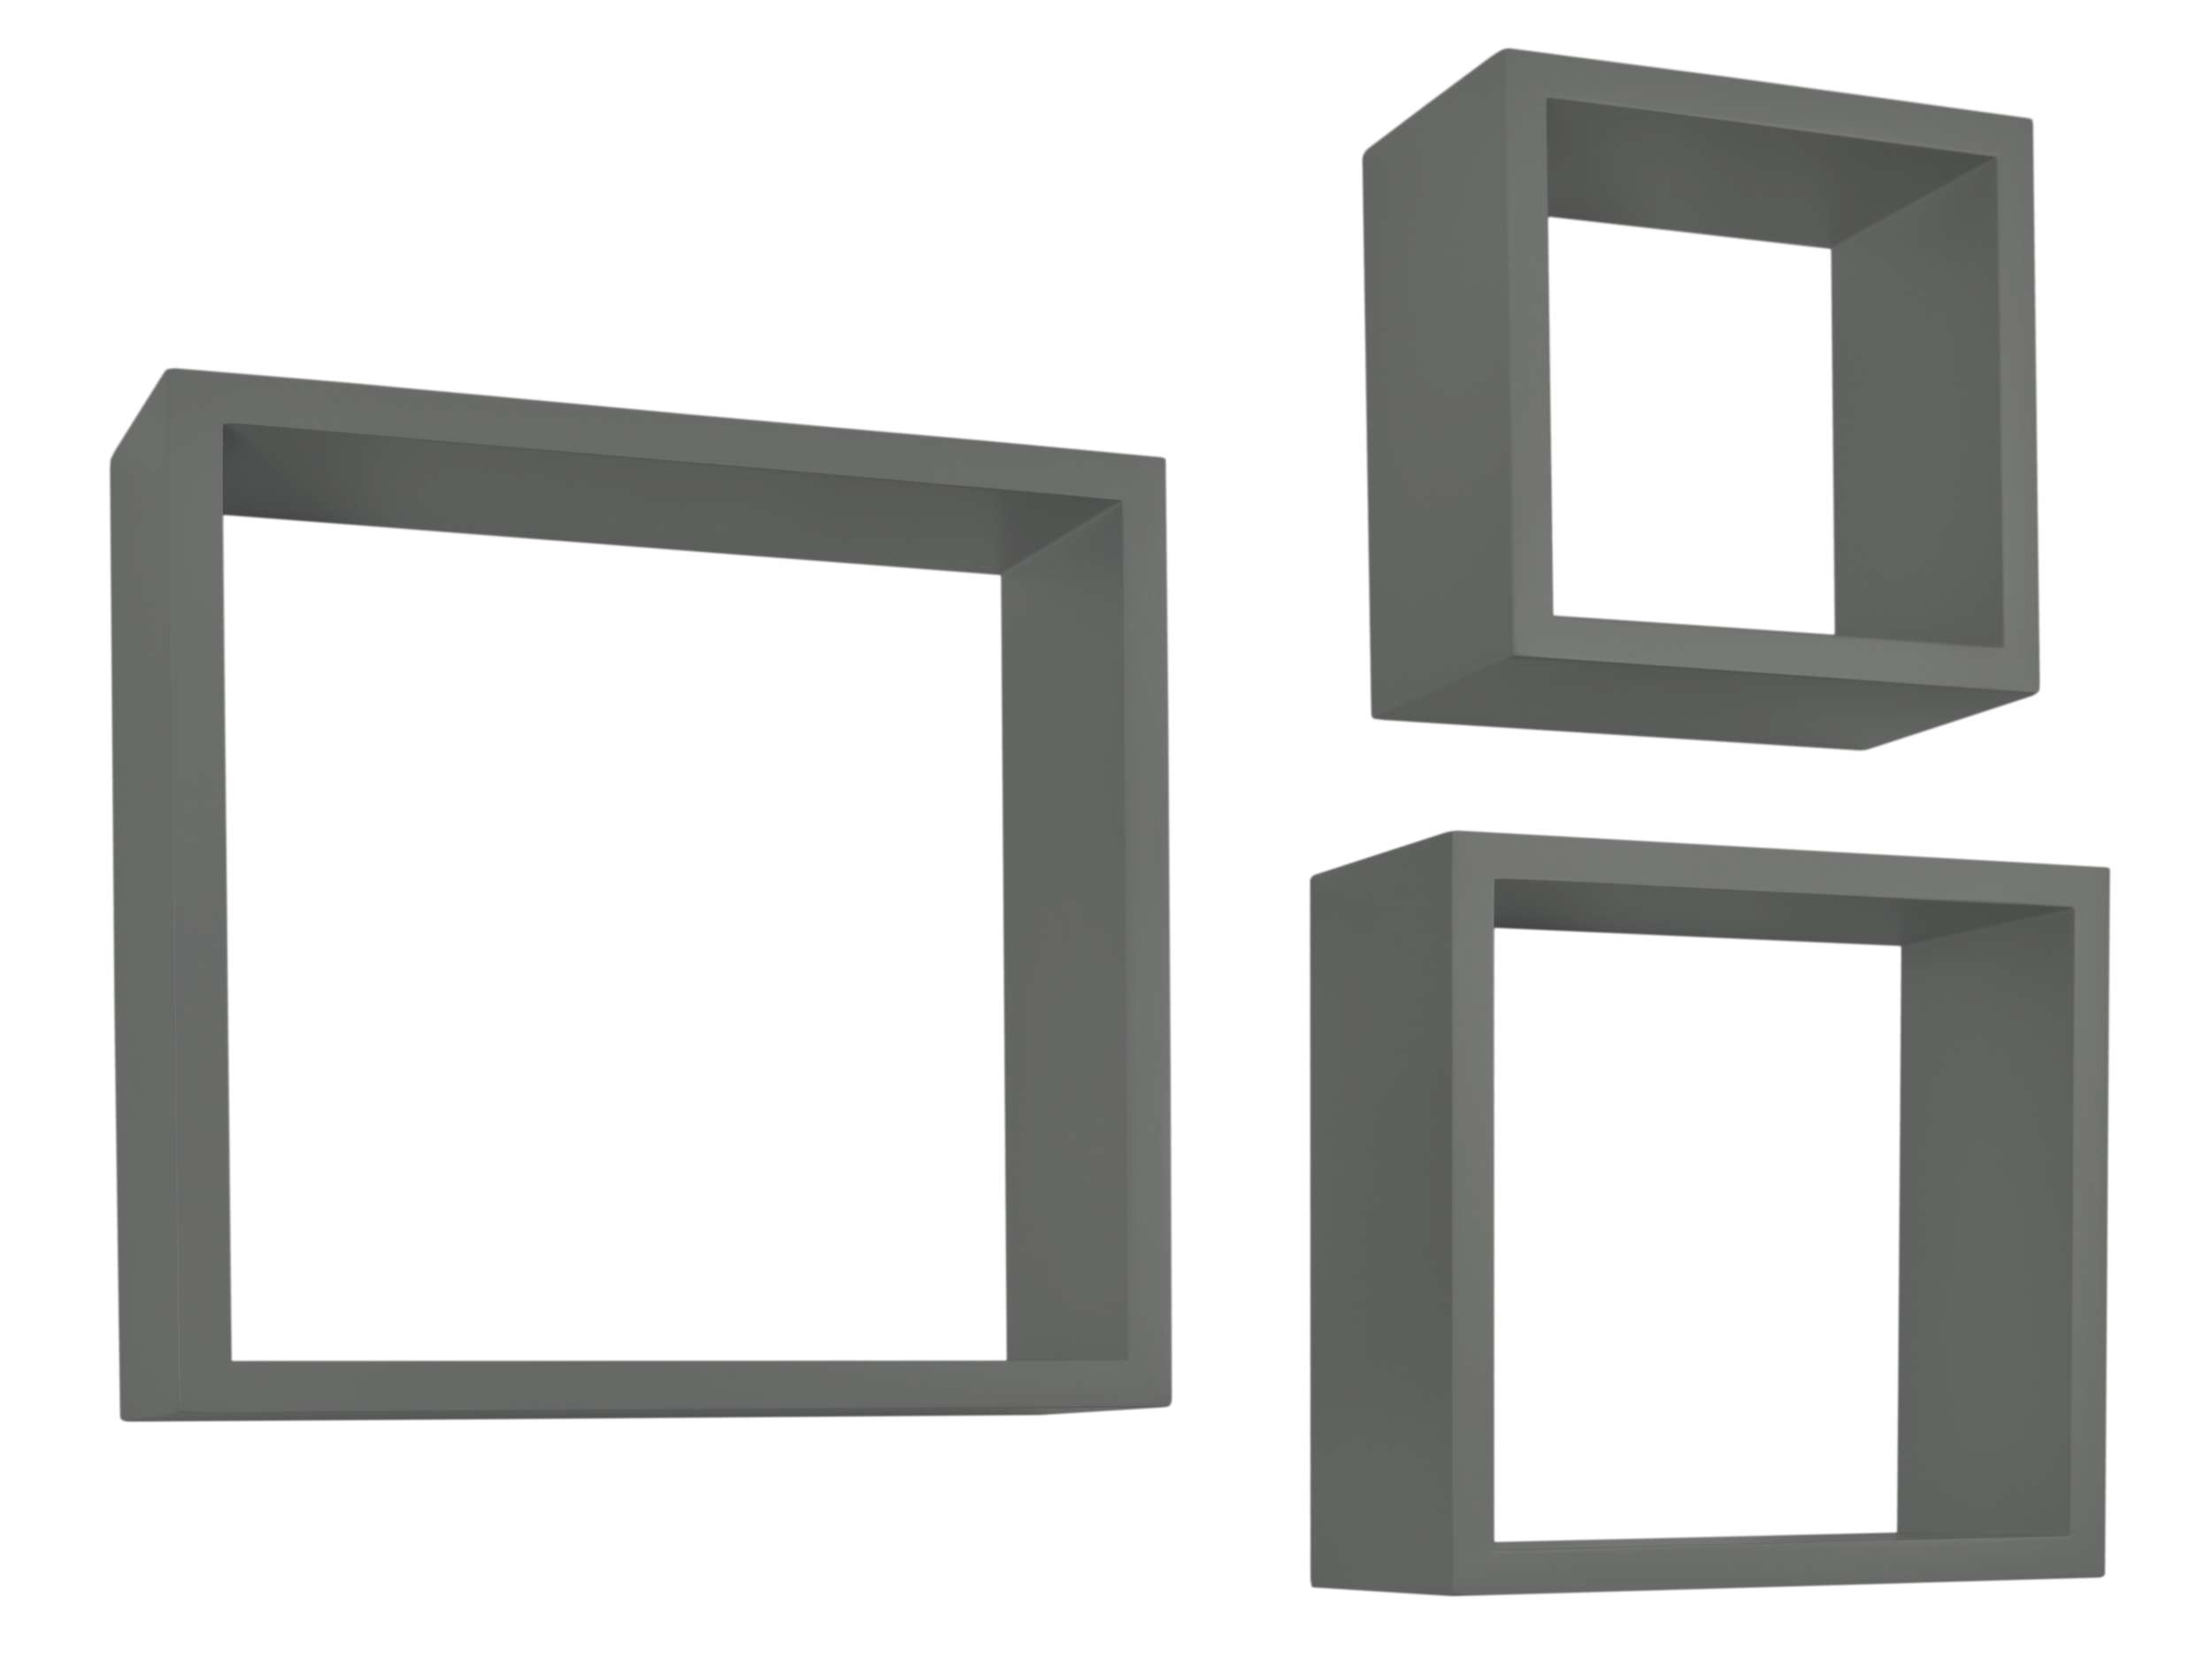 Półki Wiszące Cube Quad Zestaw 3 Szt Szare Tohurtpl